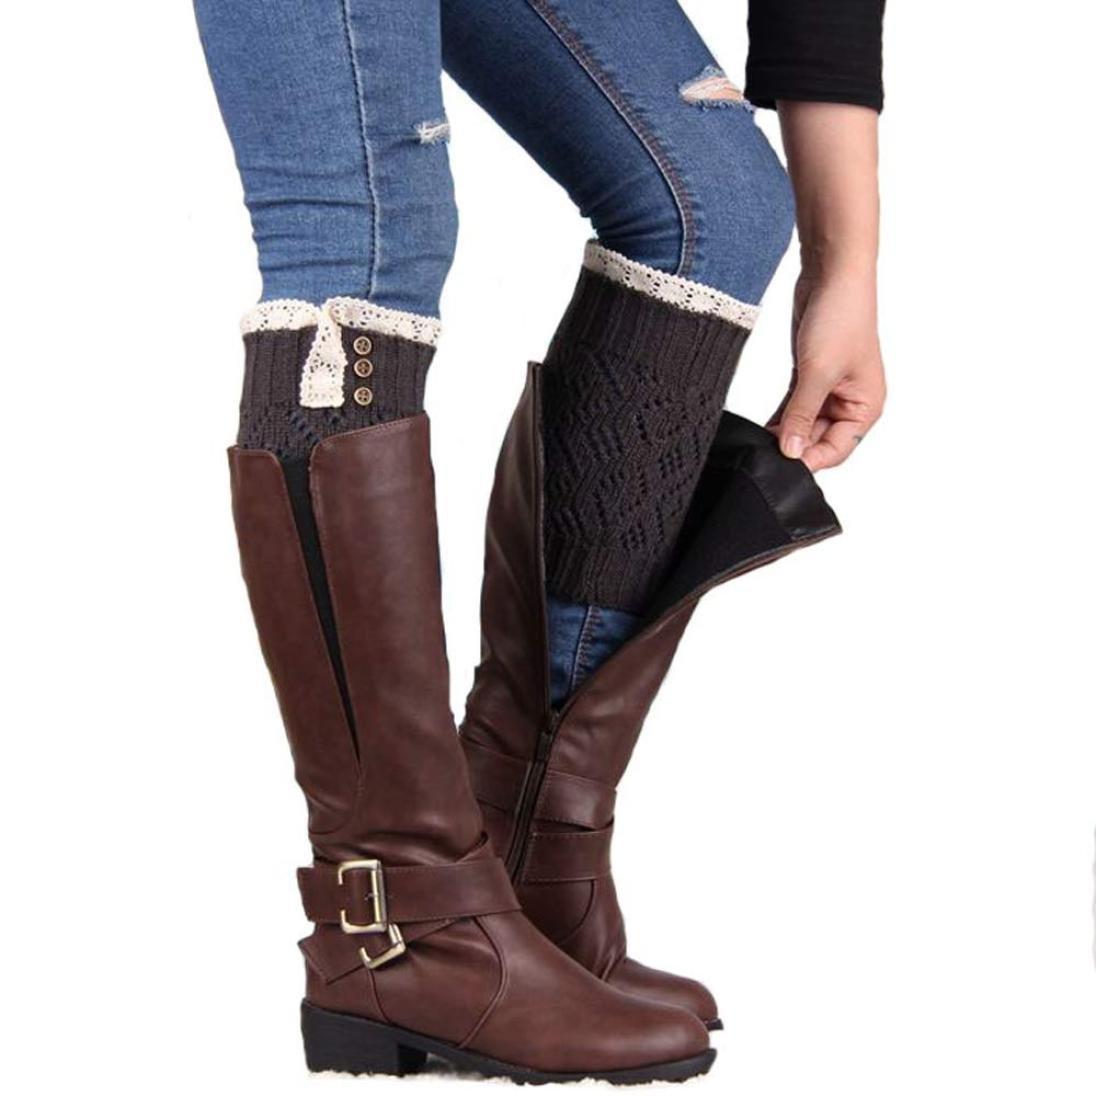 Calcetines, RETUROM Las nuevas mujeres del estilo atan la pierna del cargador del estiramiento calzan los calcetines del cargador (Blanco): Amazon.es: Ropa ...